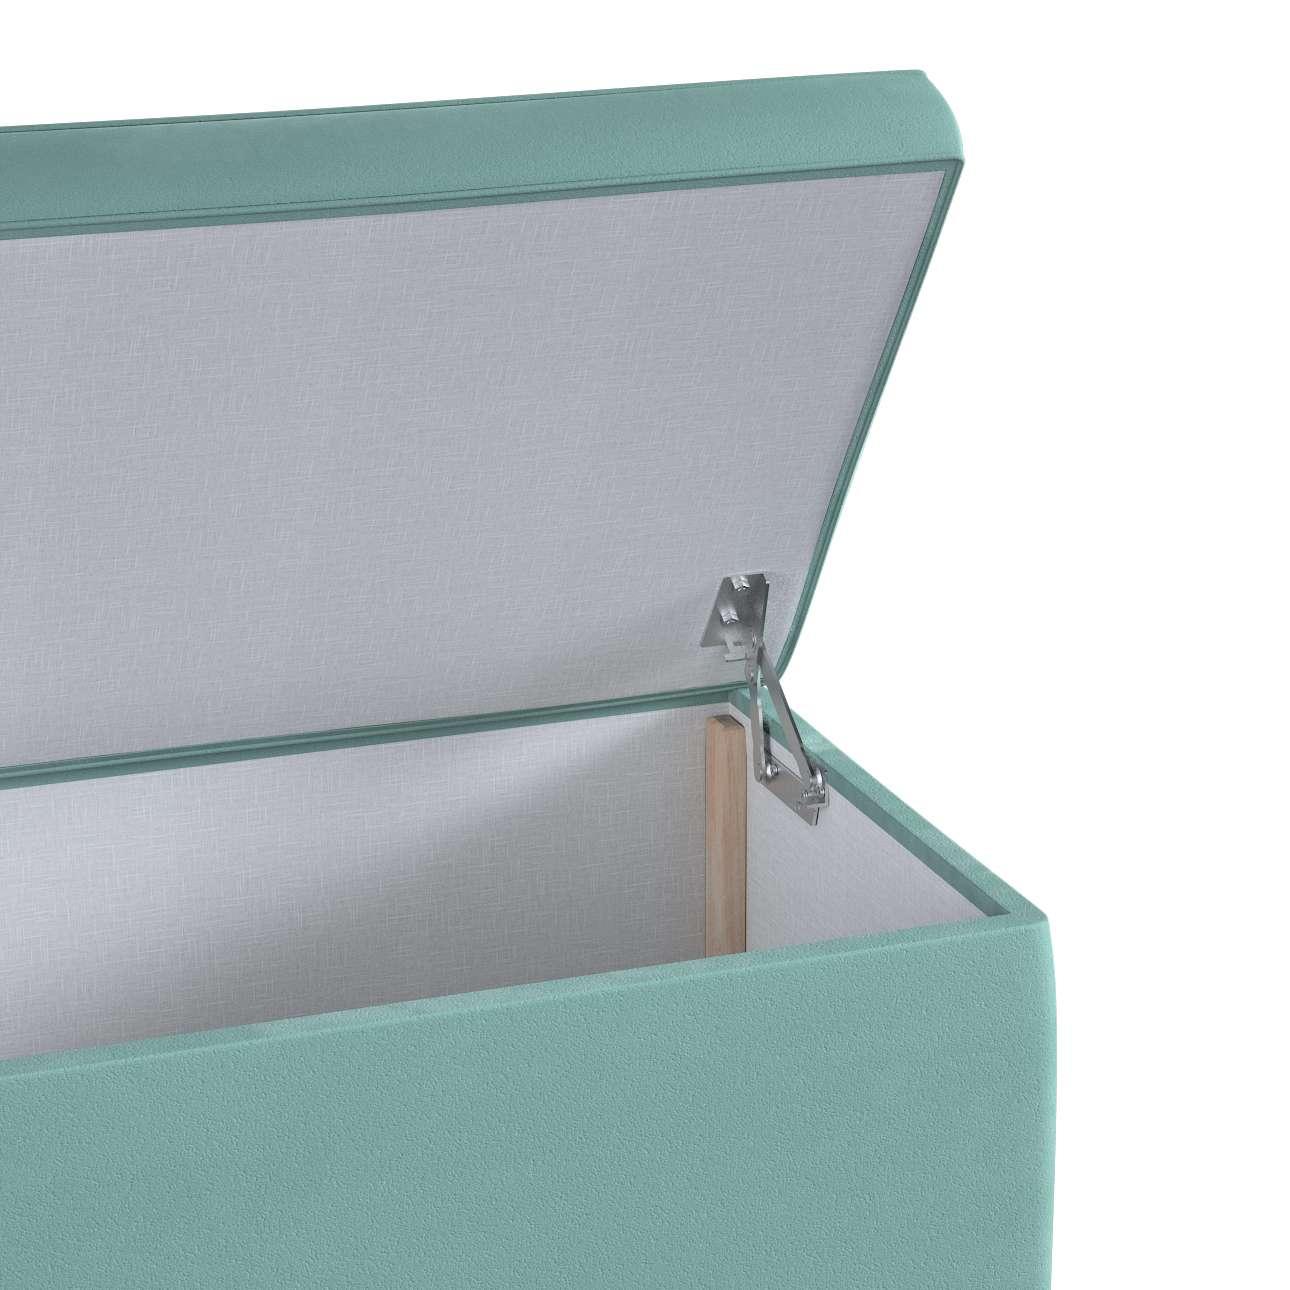 Čalouněná skříň s volbou látky - 2 velikosti v kolekci Velvet, látka: 704-18